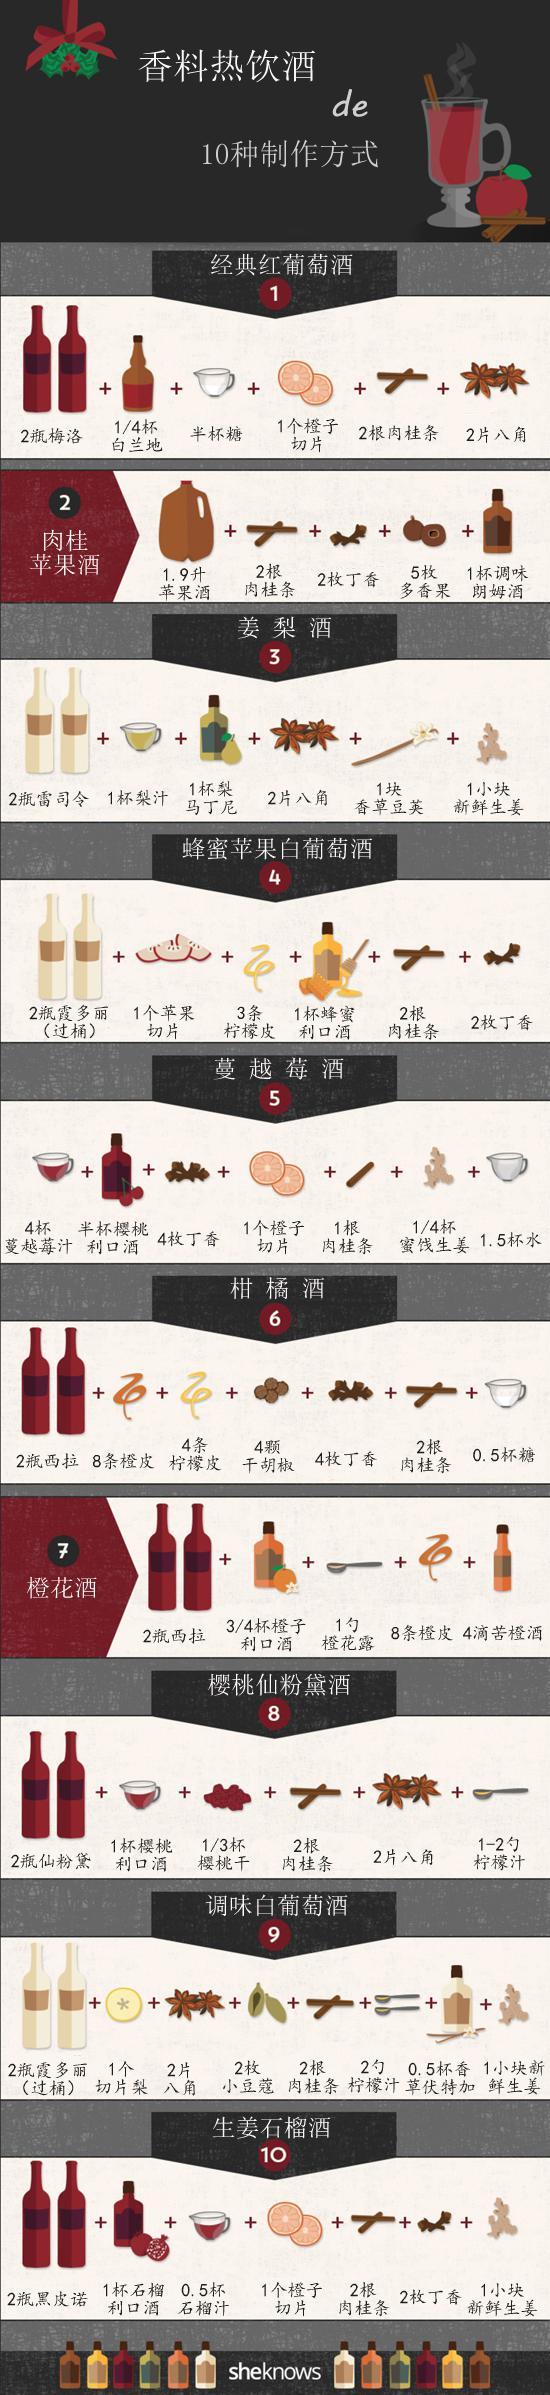 葡萄酒也能加热喝?10种葡萄酒加热配方任你选